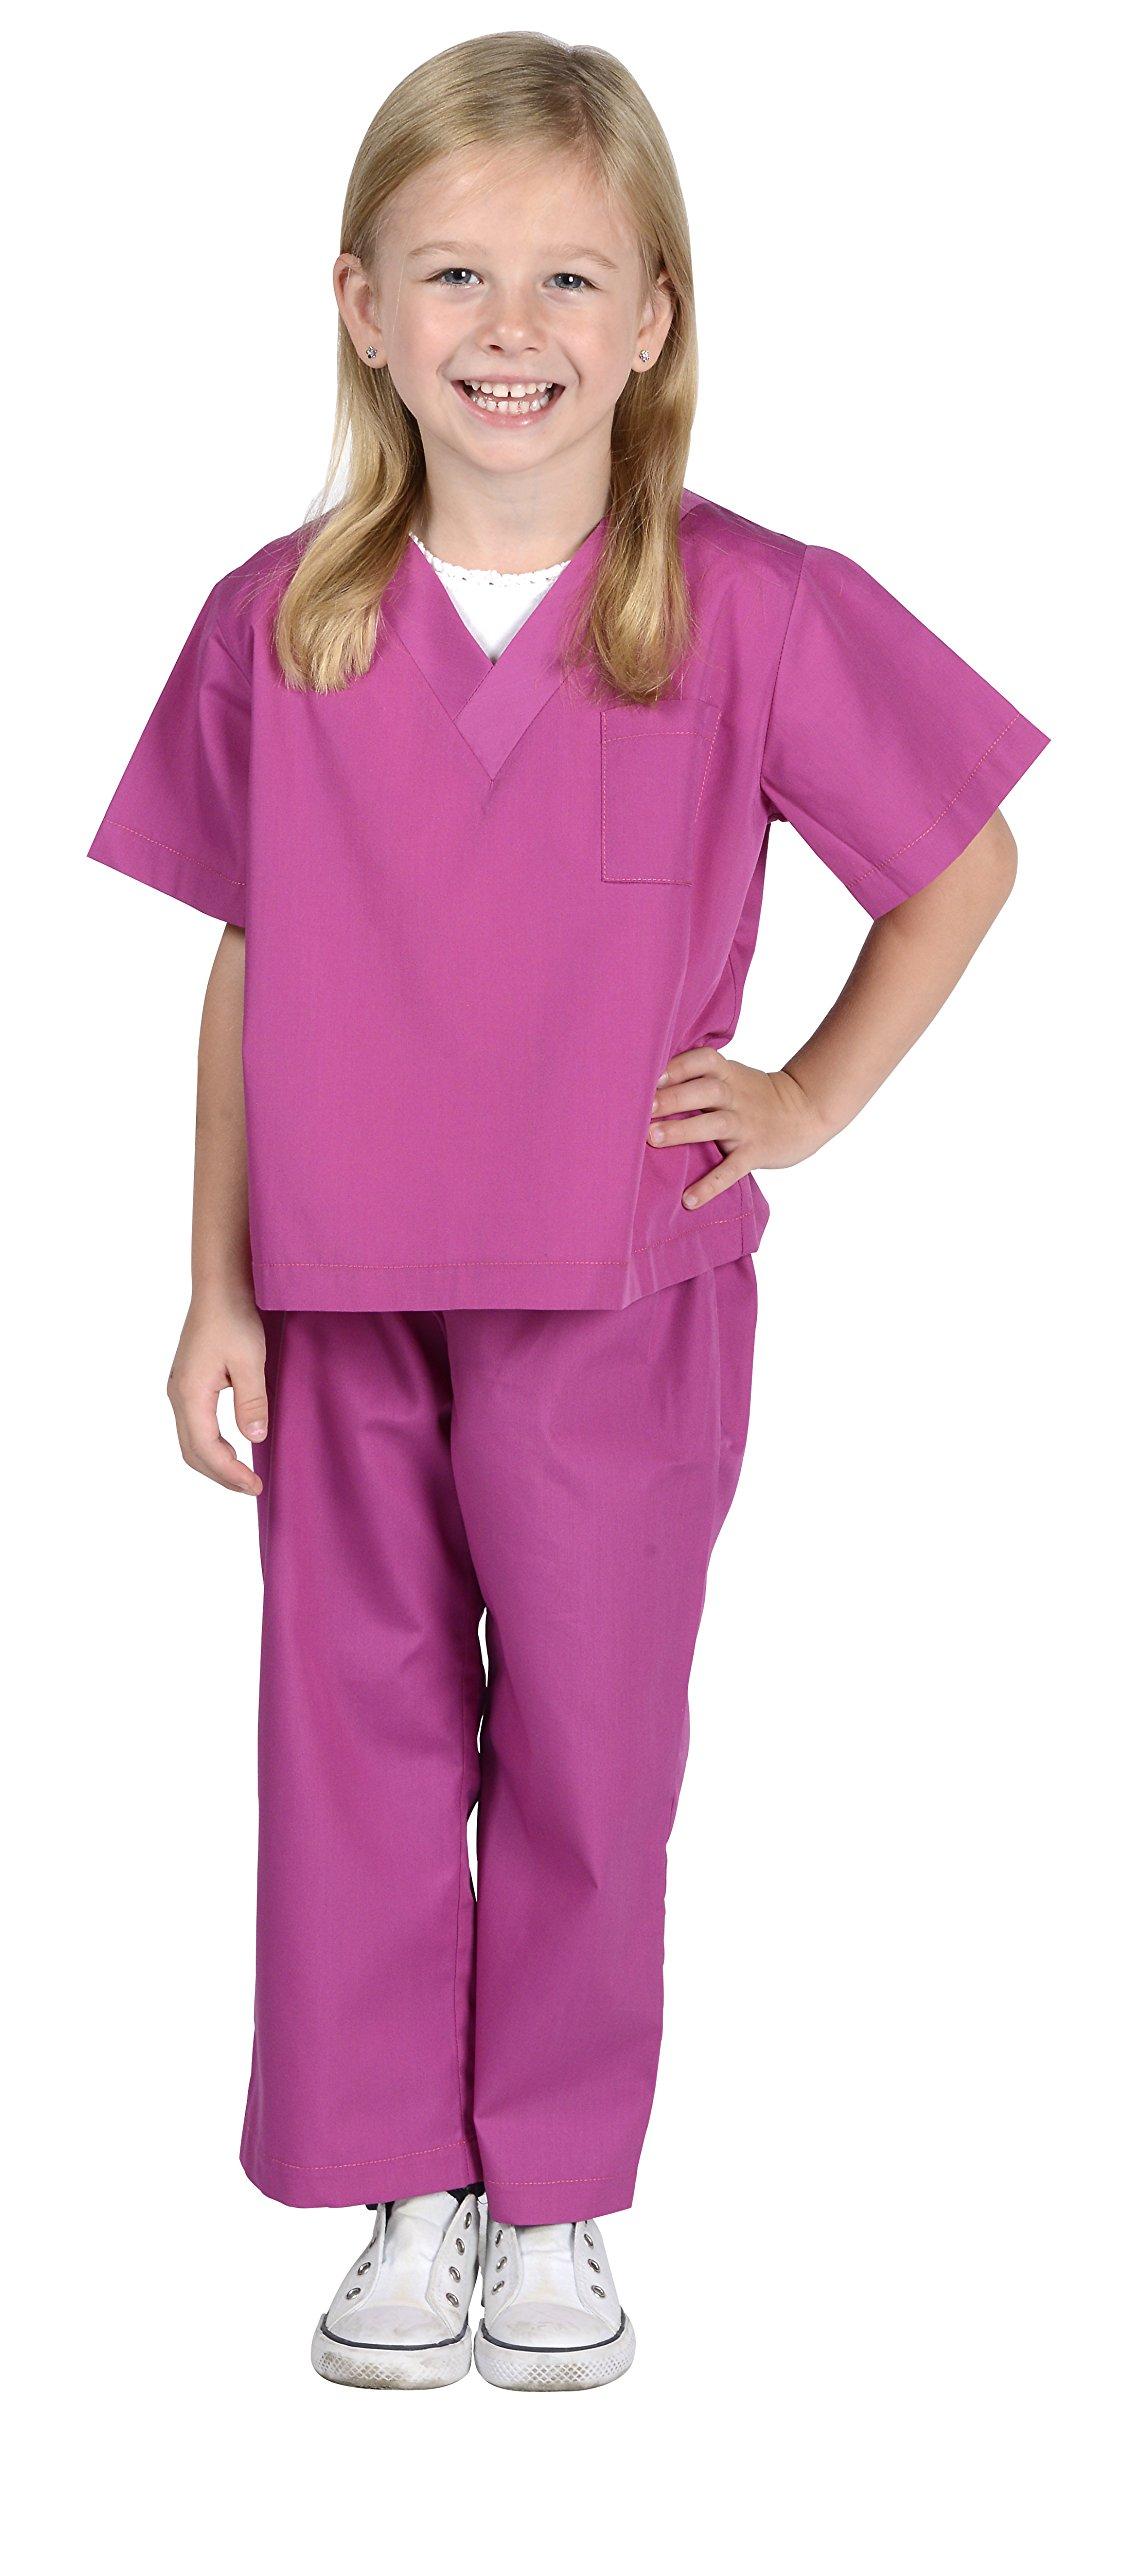 Aeromax Dr. Scrubs Costume Set, Size 8/10, Fuchsia Pink